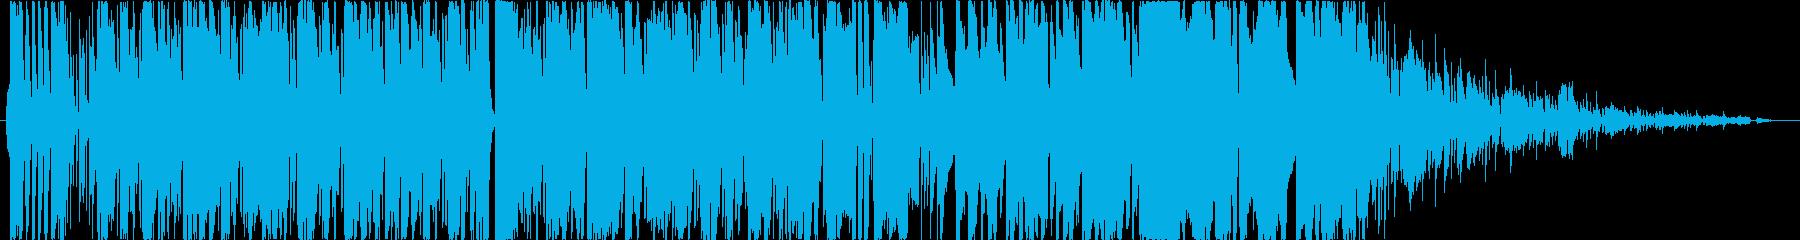 ブラスバンドとピアノによるファンキーな曲の再生済みの波形